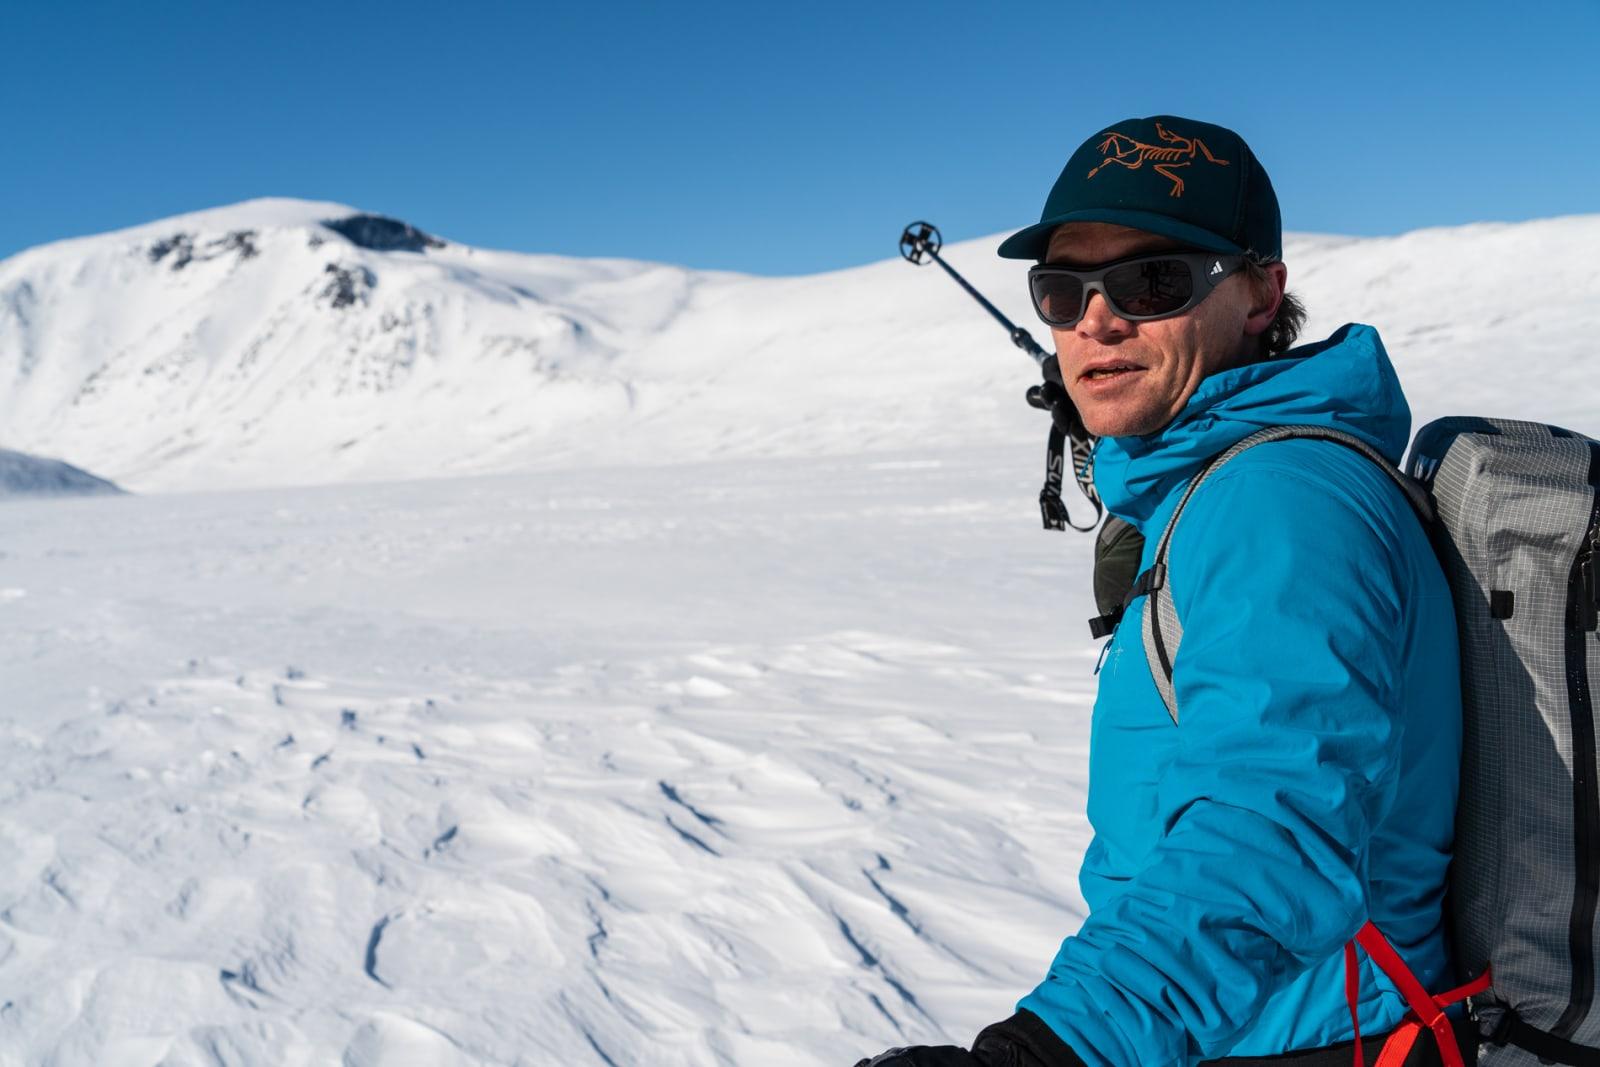 Det er nå seks år siden Stian Hagen (bildet) og Johan Wildhagen fikk testet ut idéen om en høgrute gjennom Jotunheimen. Den gangen var det den første av sitt slag i Norge, men  siden den gang har det poppet opp mange flere høgruter rundt i den norske fjellheimen. Bilde: Christian Nerdrum